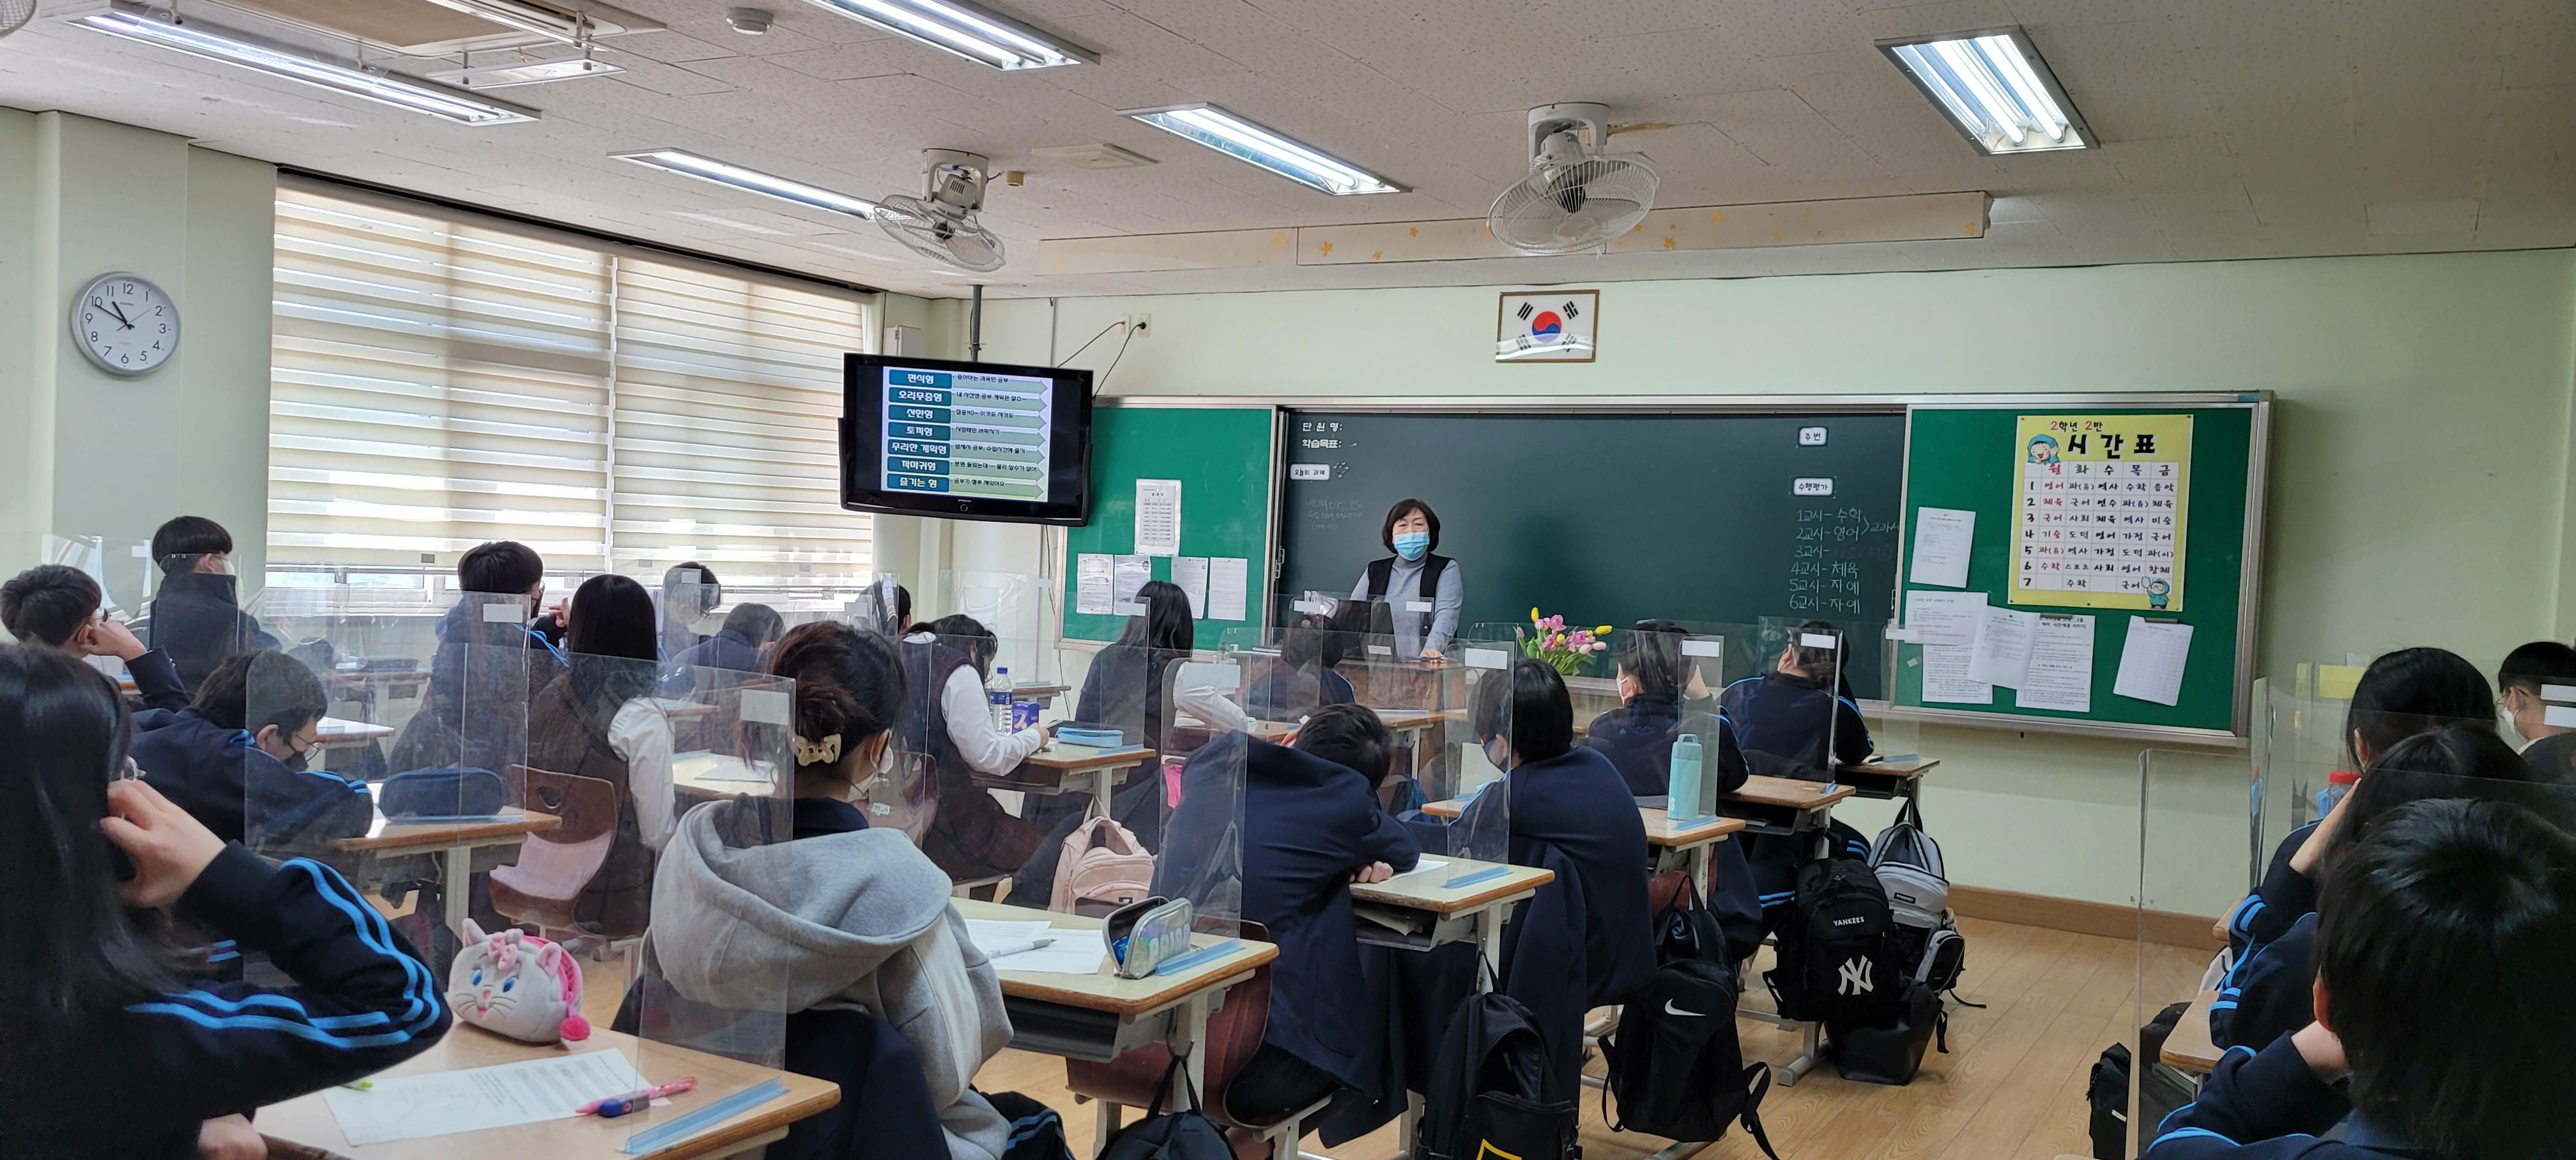 [일반] 1학년 자기주도학습 관련 특강의 첨부이미지 1